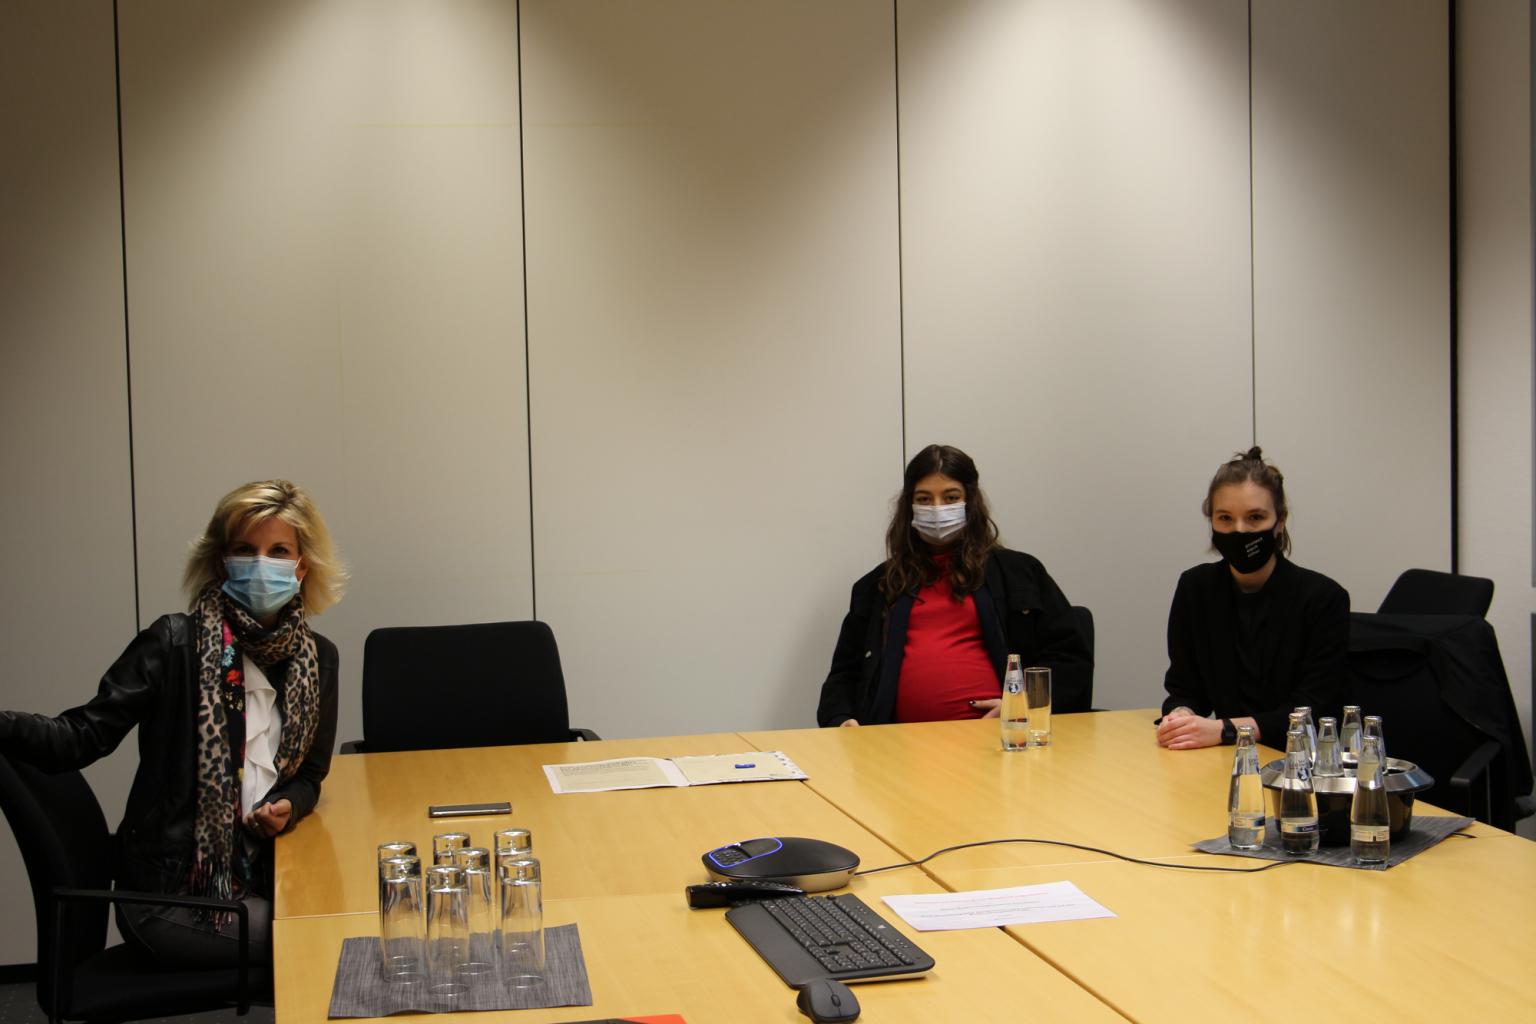 Von links nach rechts: Daniela Ludwig sowie Zhana Jung und Philine Edbauer von der Initiative #mybrainmychoice | Foto: #mybrainmychoice